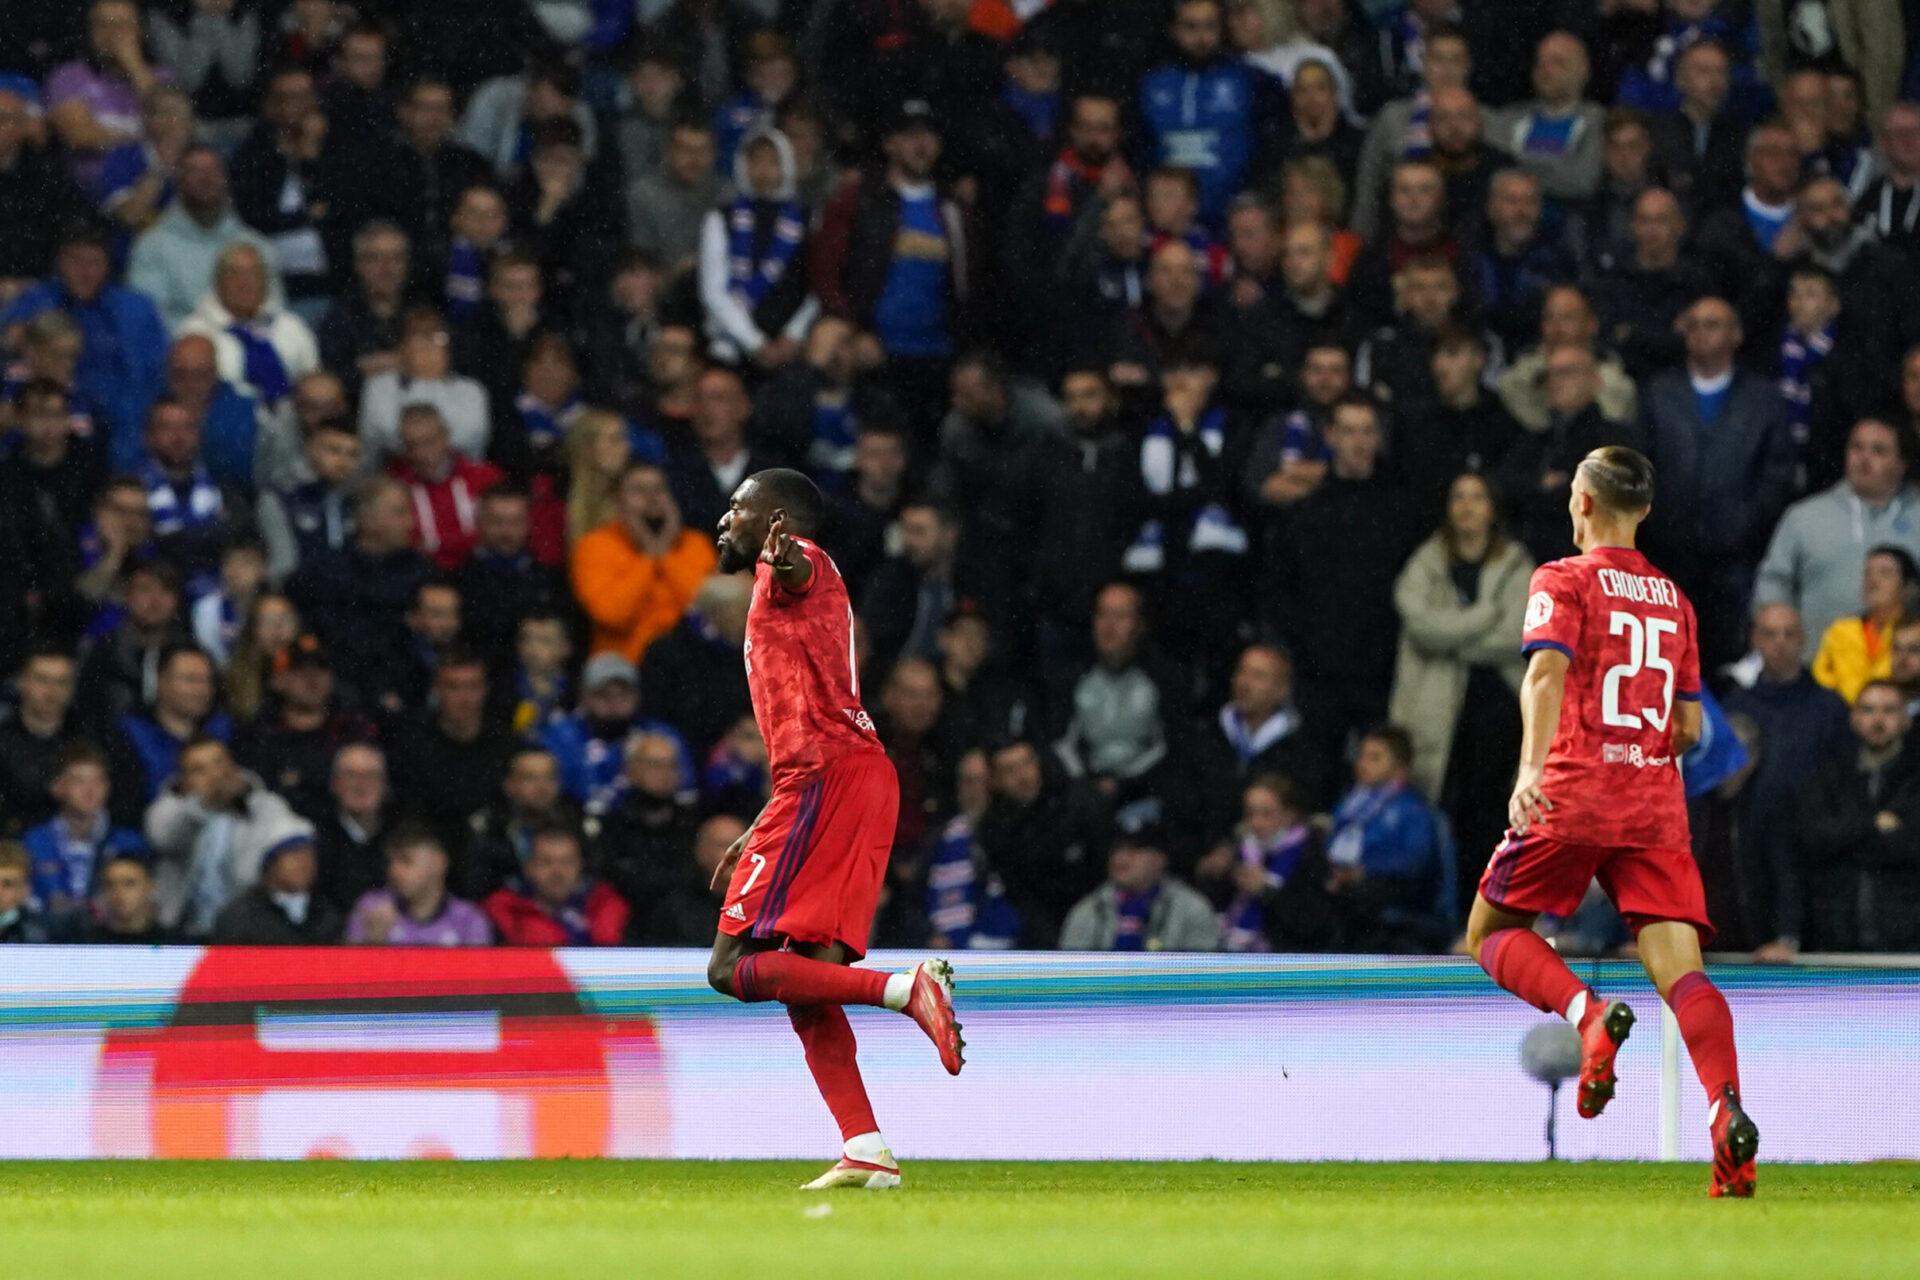 L'OL s'est imposé à Glasgow face aux Rangers grâce notamment à Toko Ekambi. Icon Sport